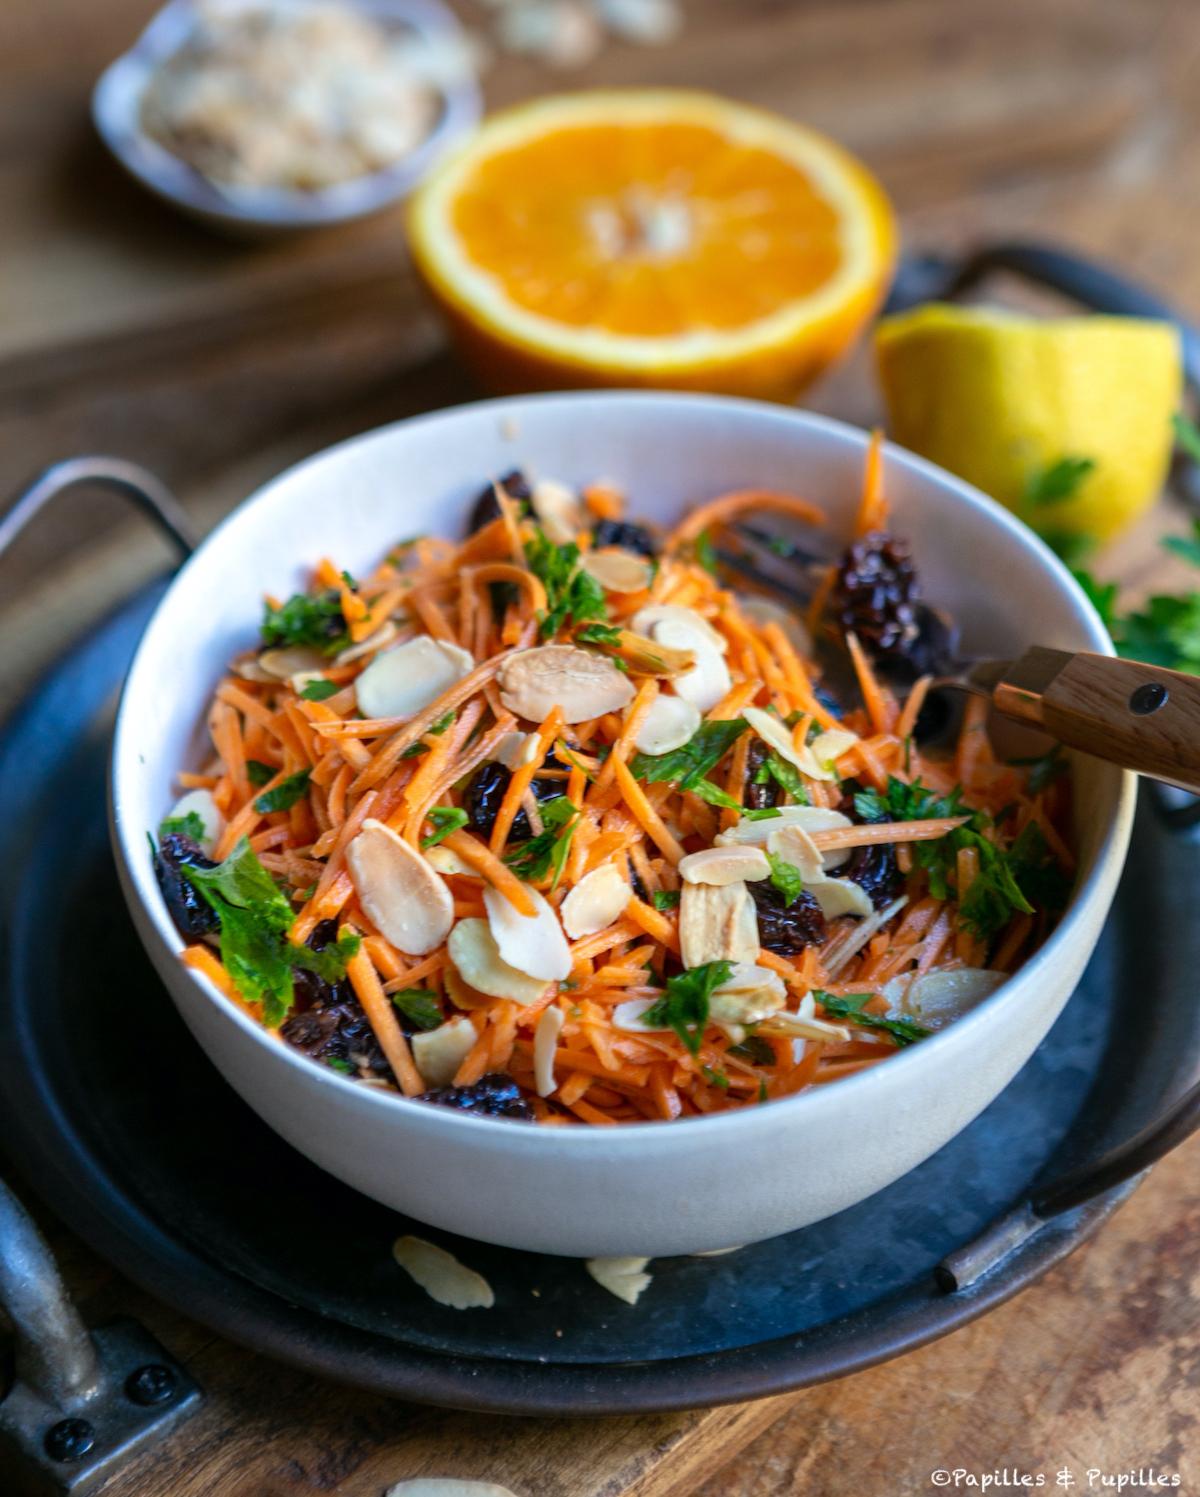 Salade de carottes râpées aux saveurs orientales